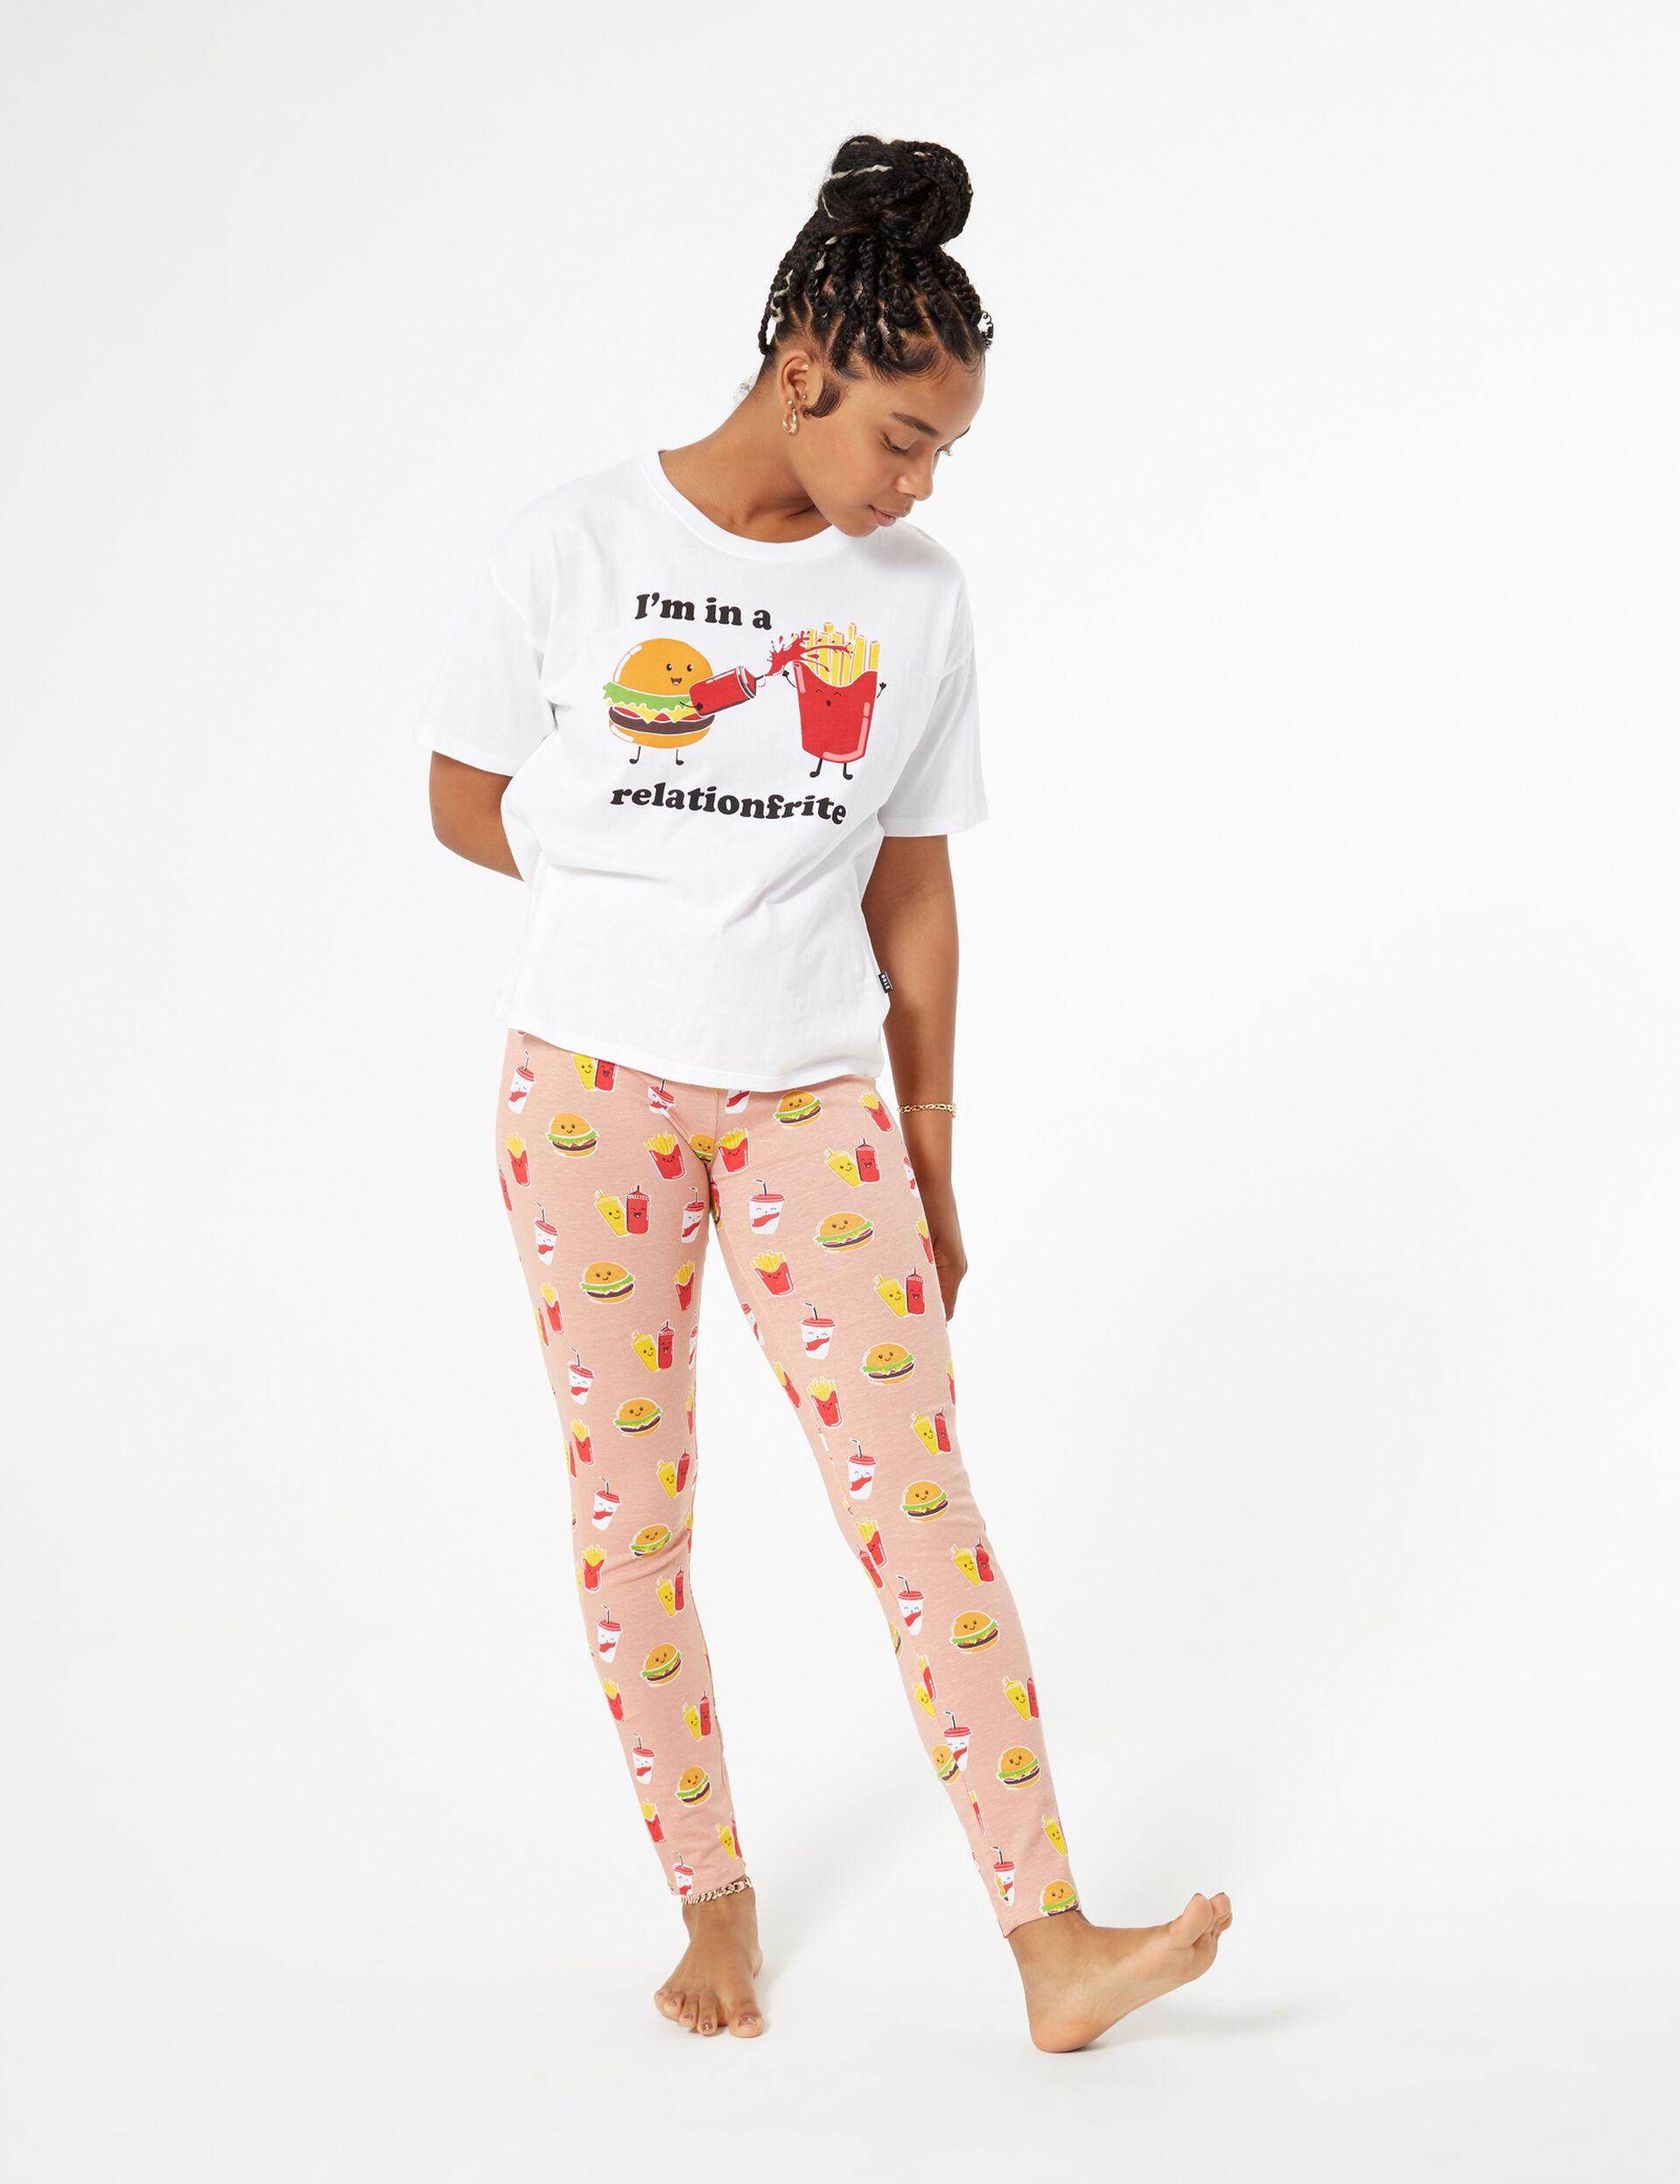 Fast food pyjamas